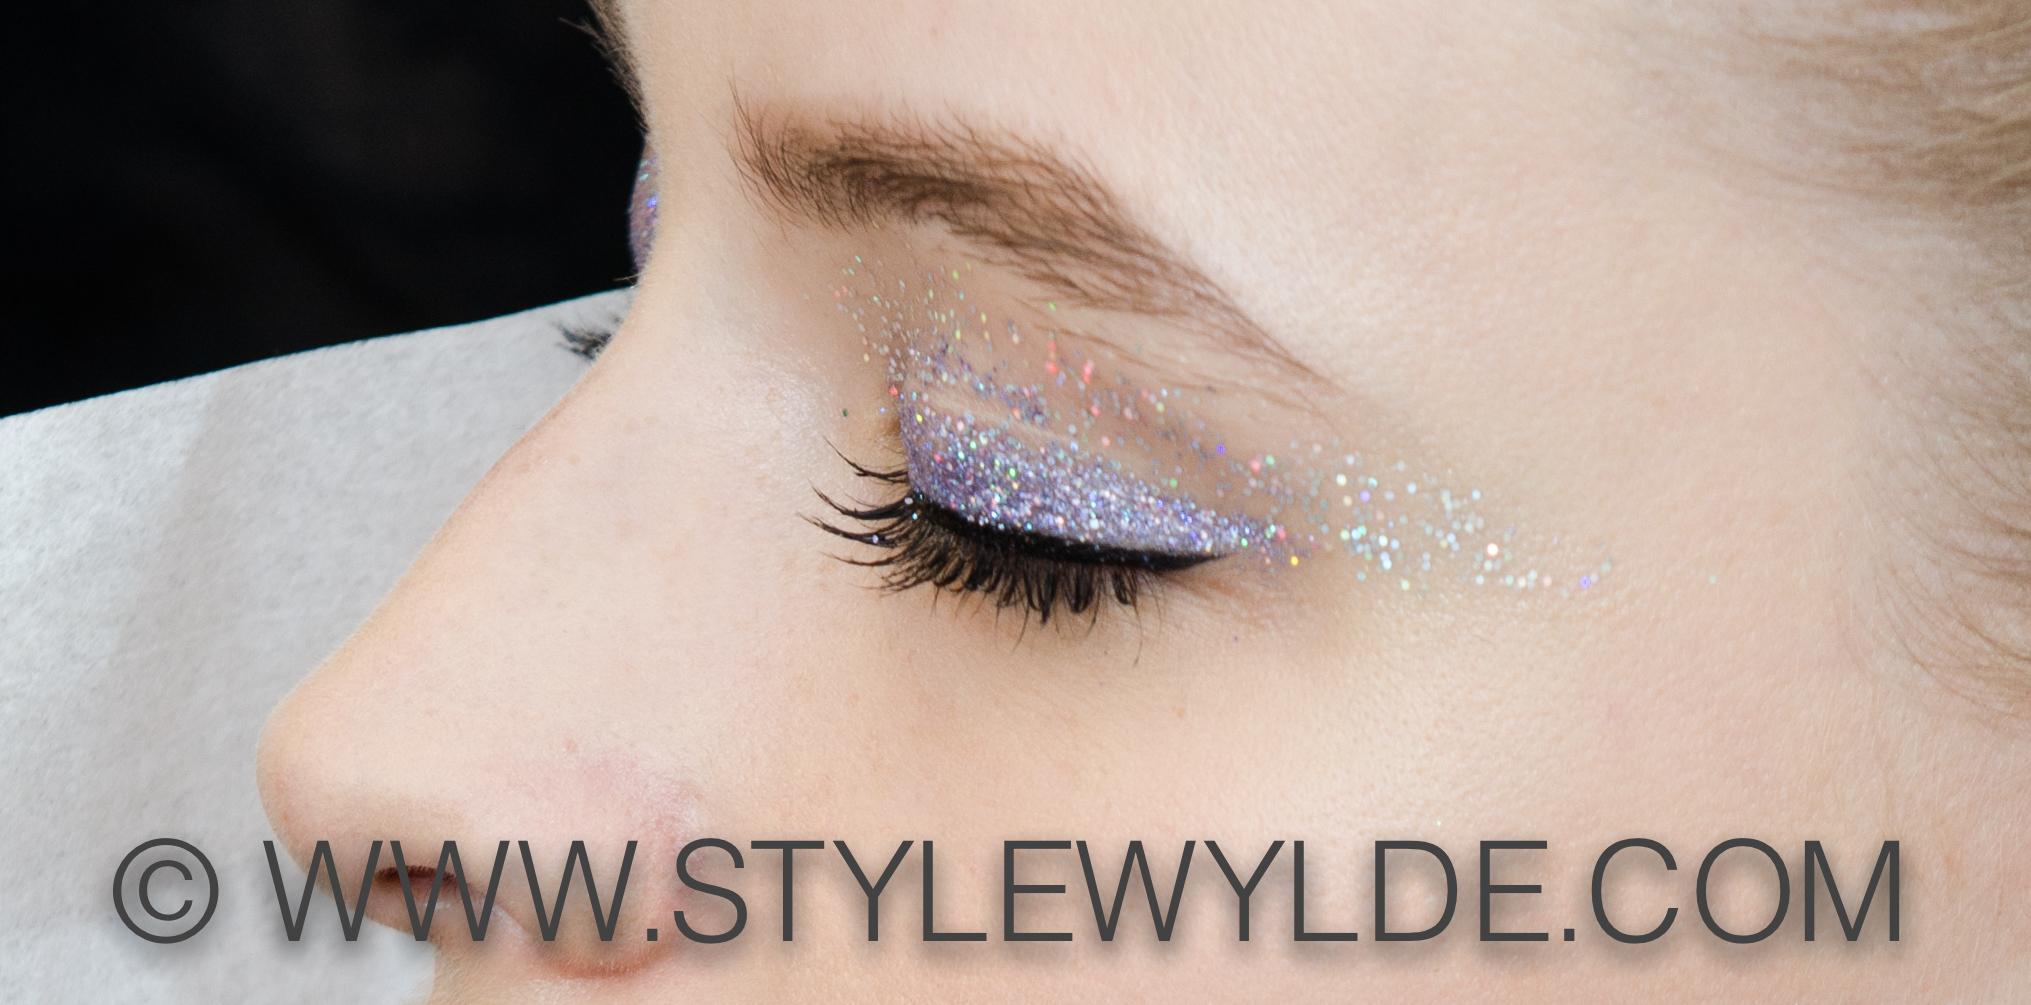 stylewylde_ADF_SS15_bkstg (14 of 22).jpg